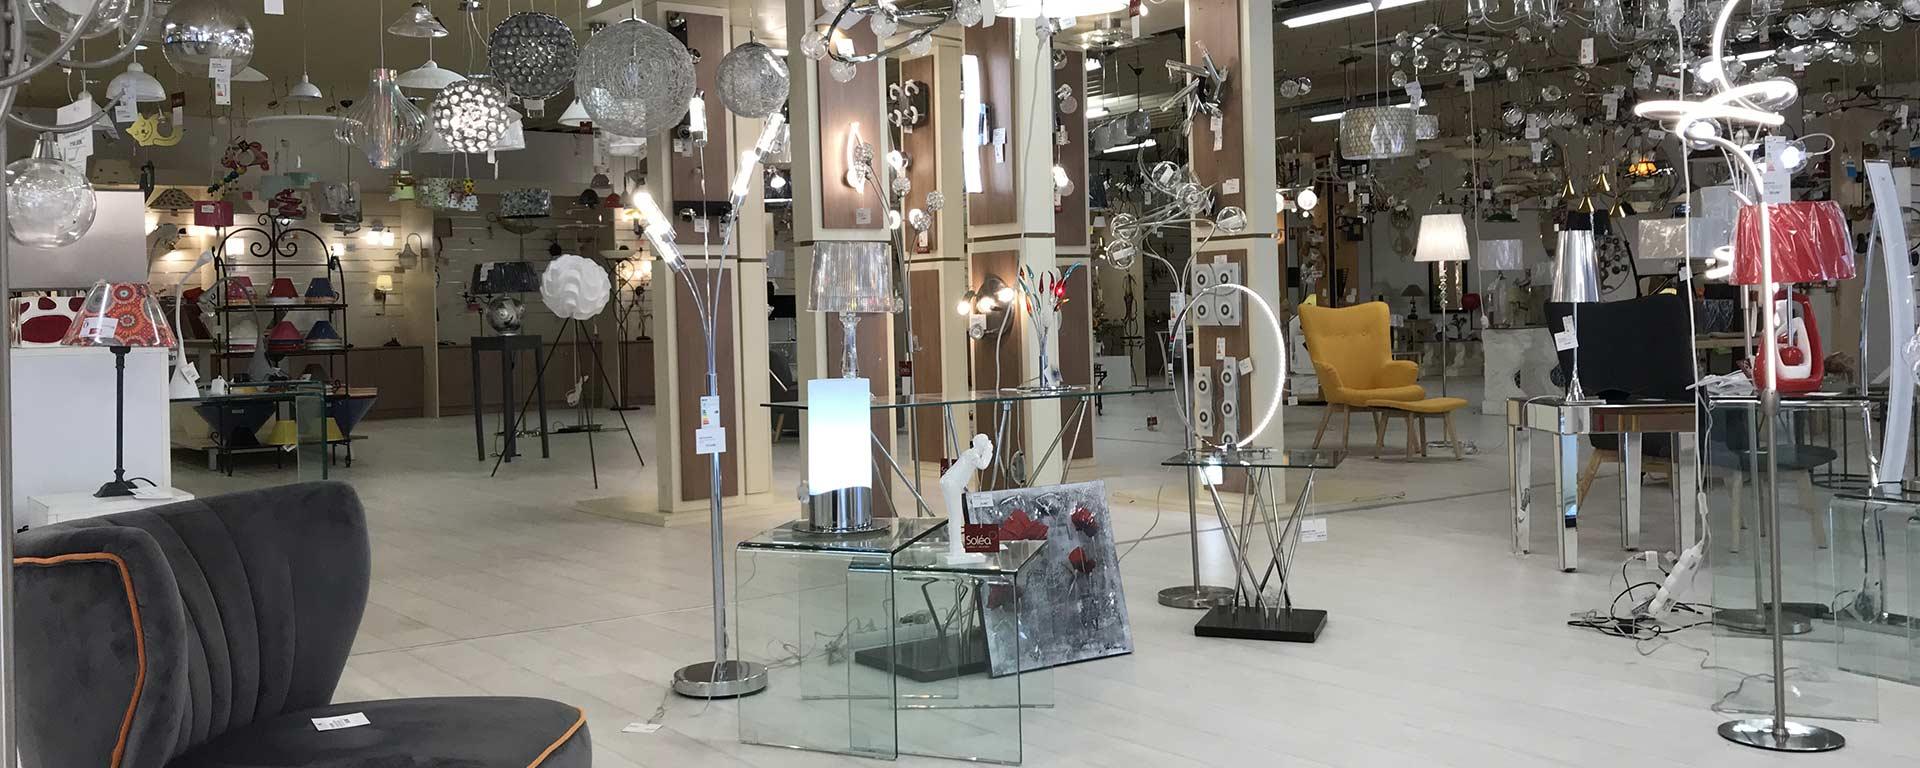 riche collection de plafonniers au goût du jour à Béziers